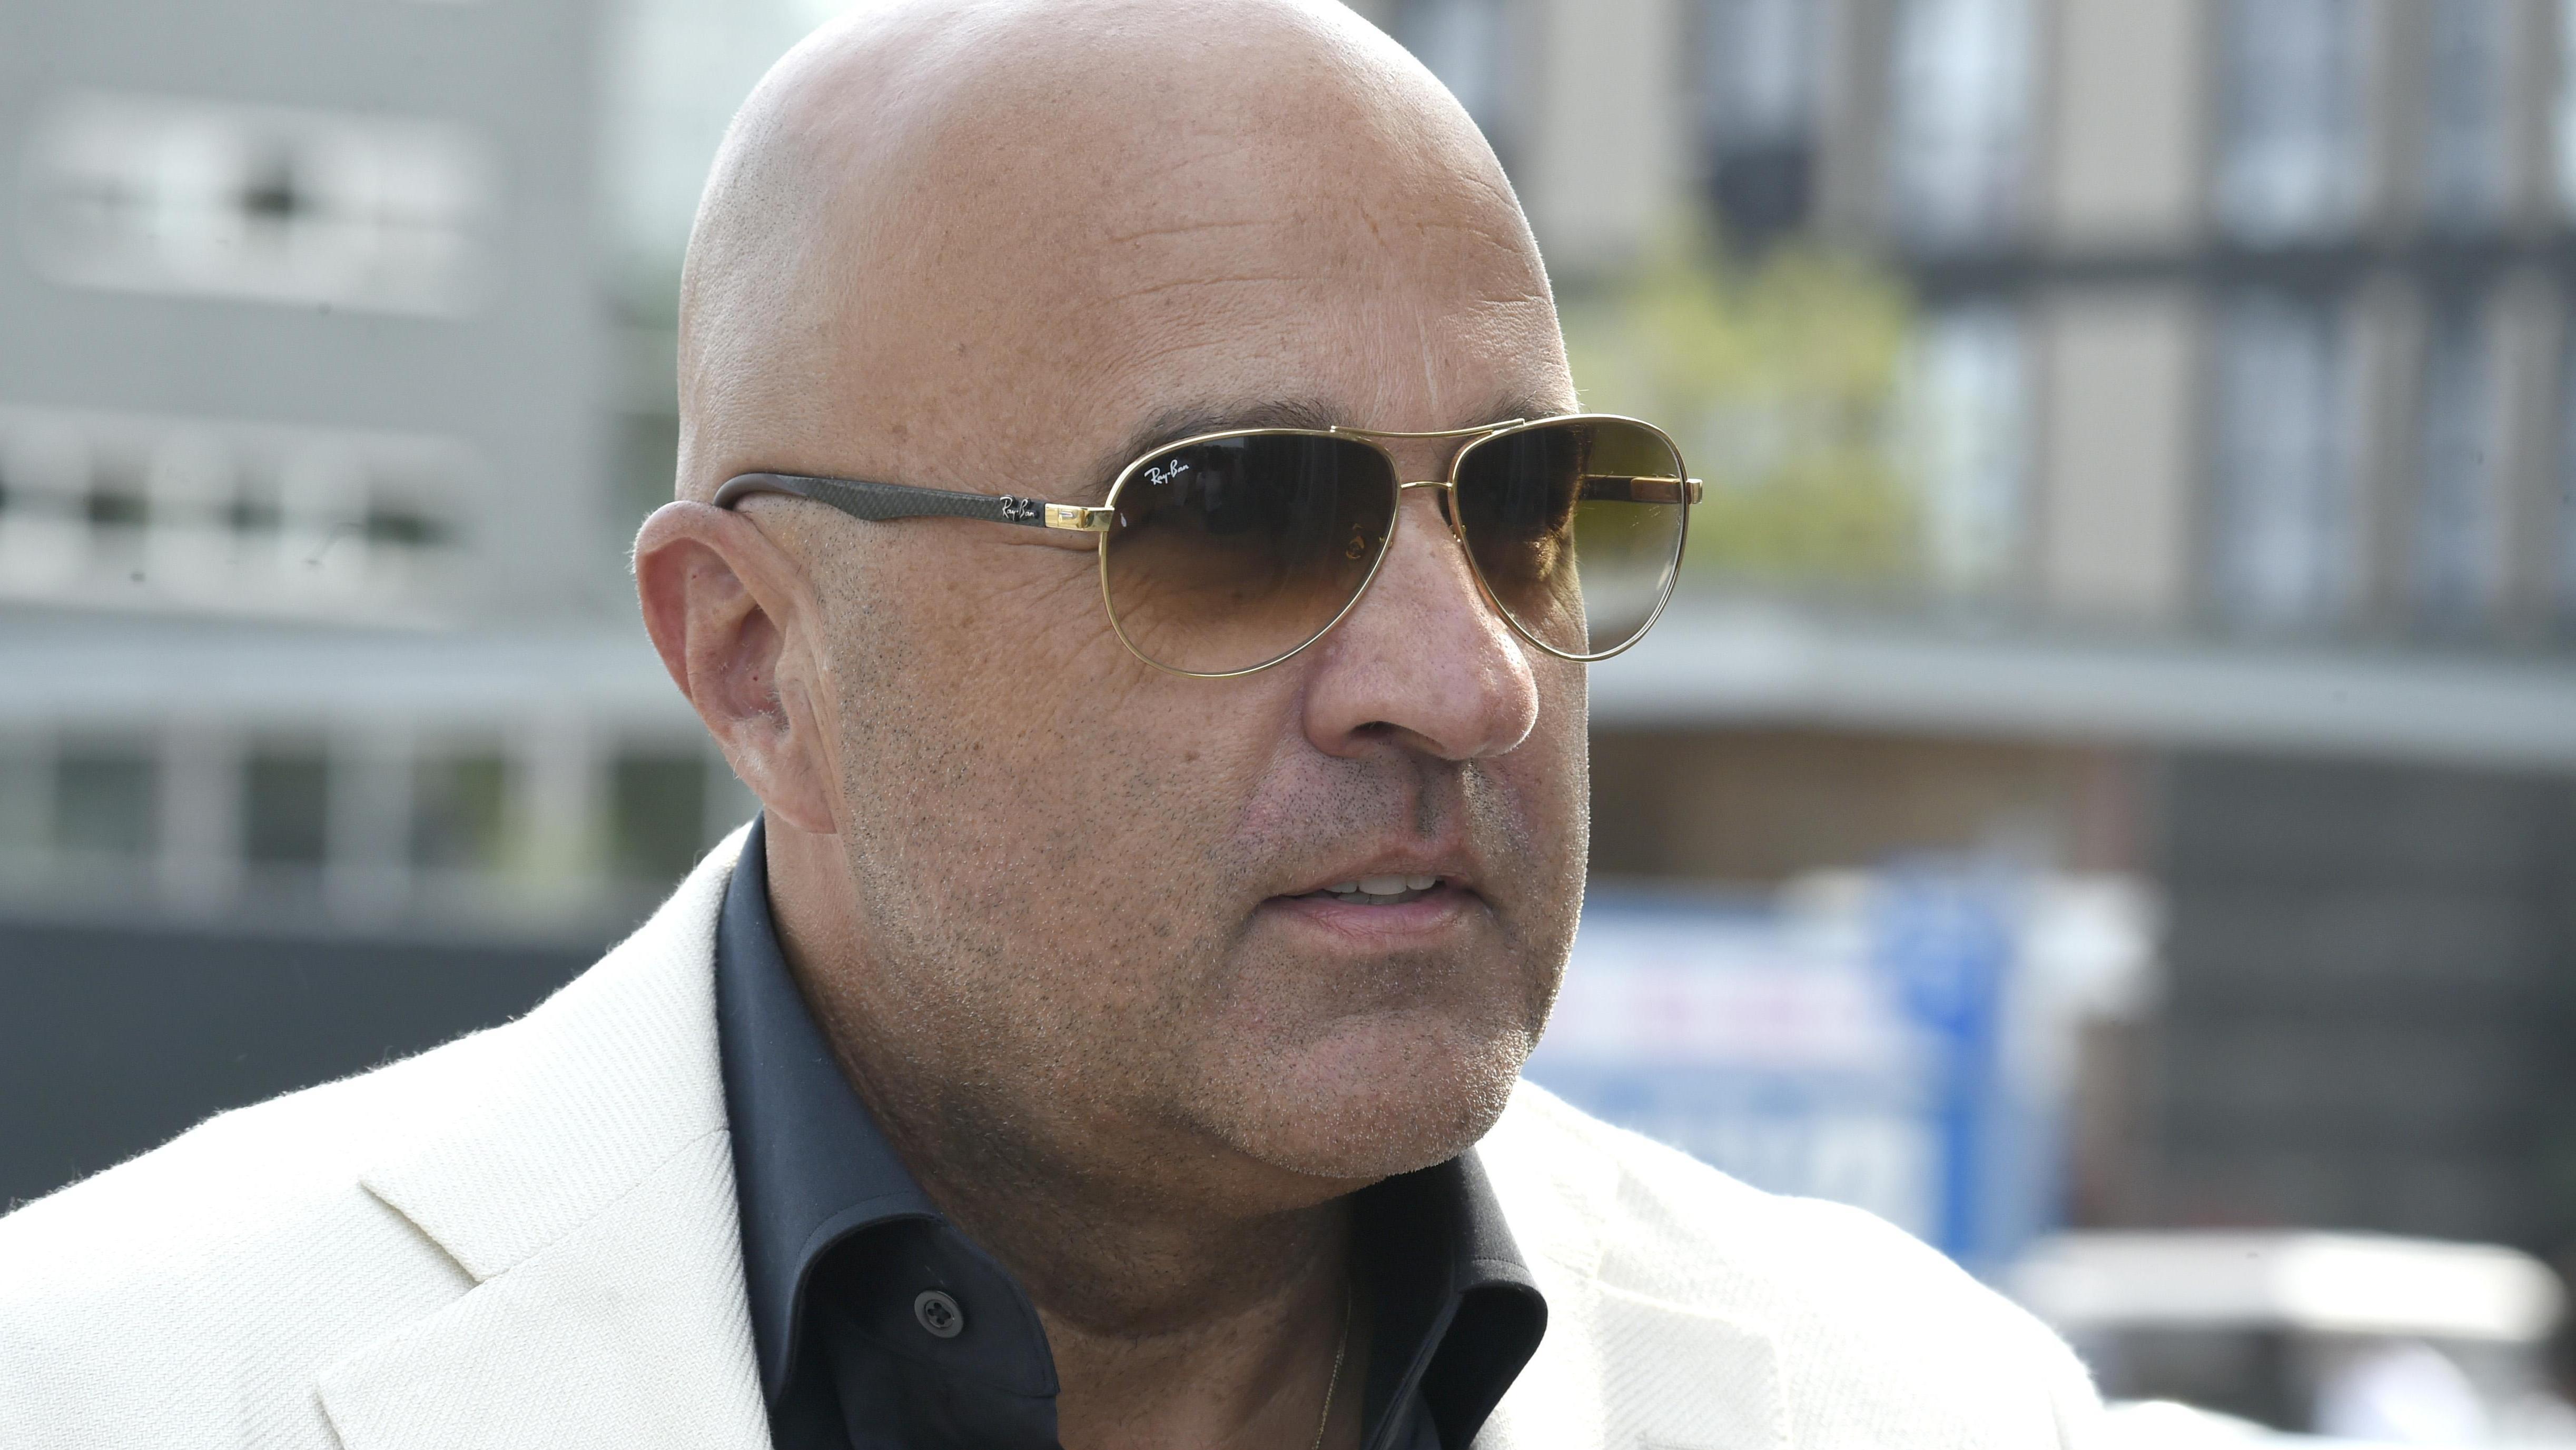 John Van Den Heuvel Maakt Docu Over Moorddossier Holleeder Entertainment Telegraaf Nl